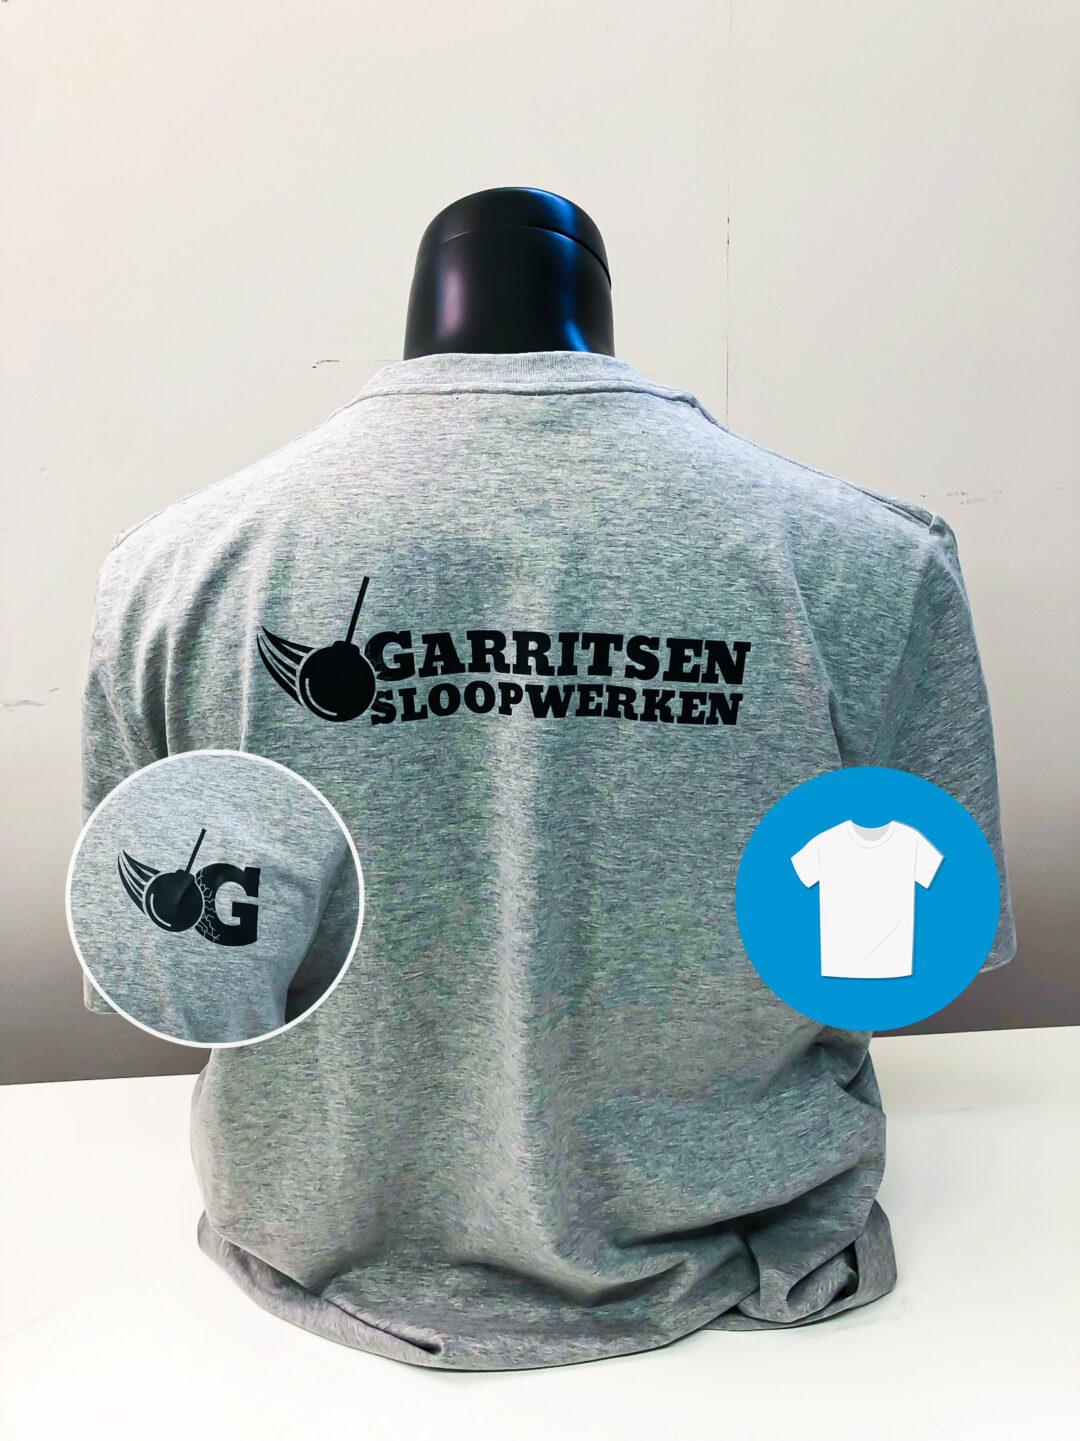 Signaal Bedrijfskleding // Garritsen Sloopwerken // Bedrukte T-Shirts met door ons ontworpen logo